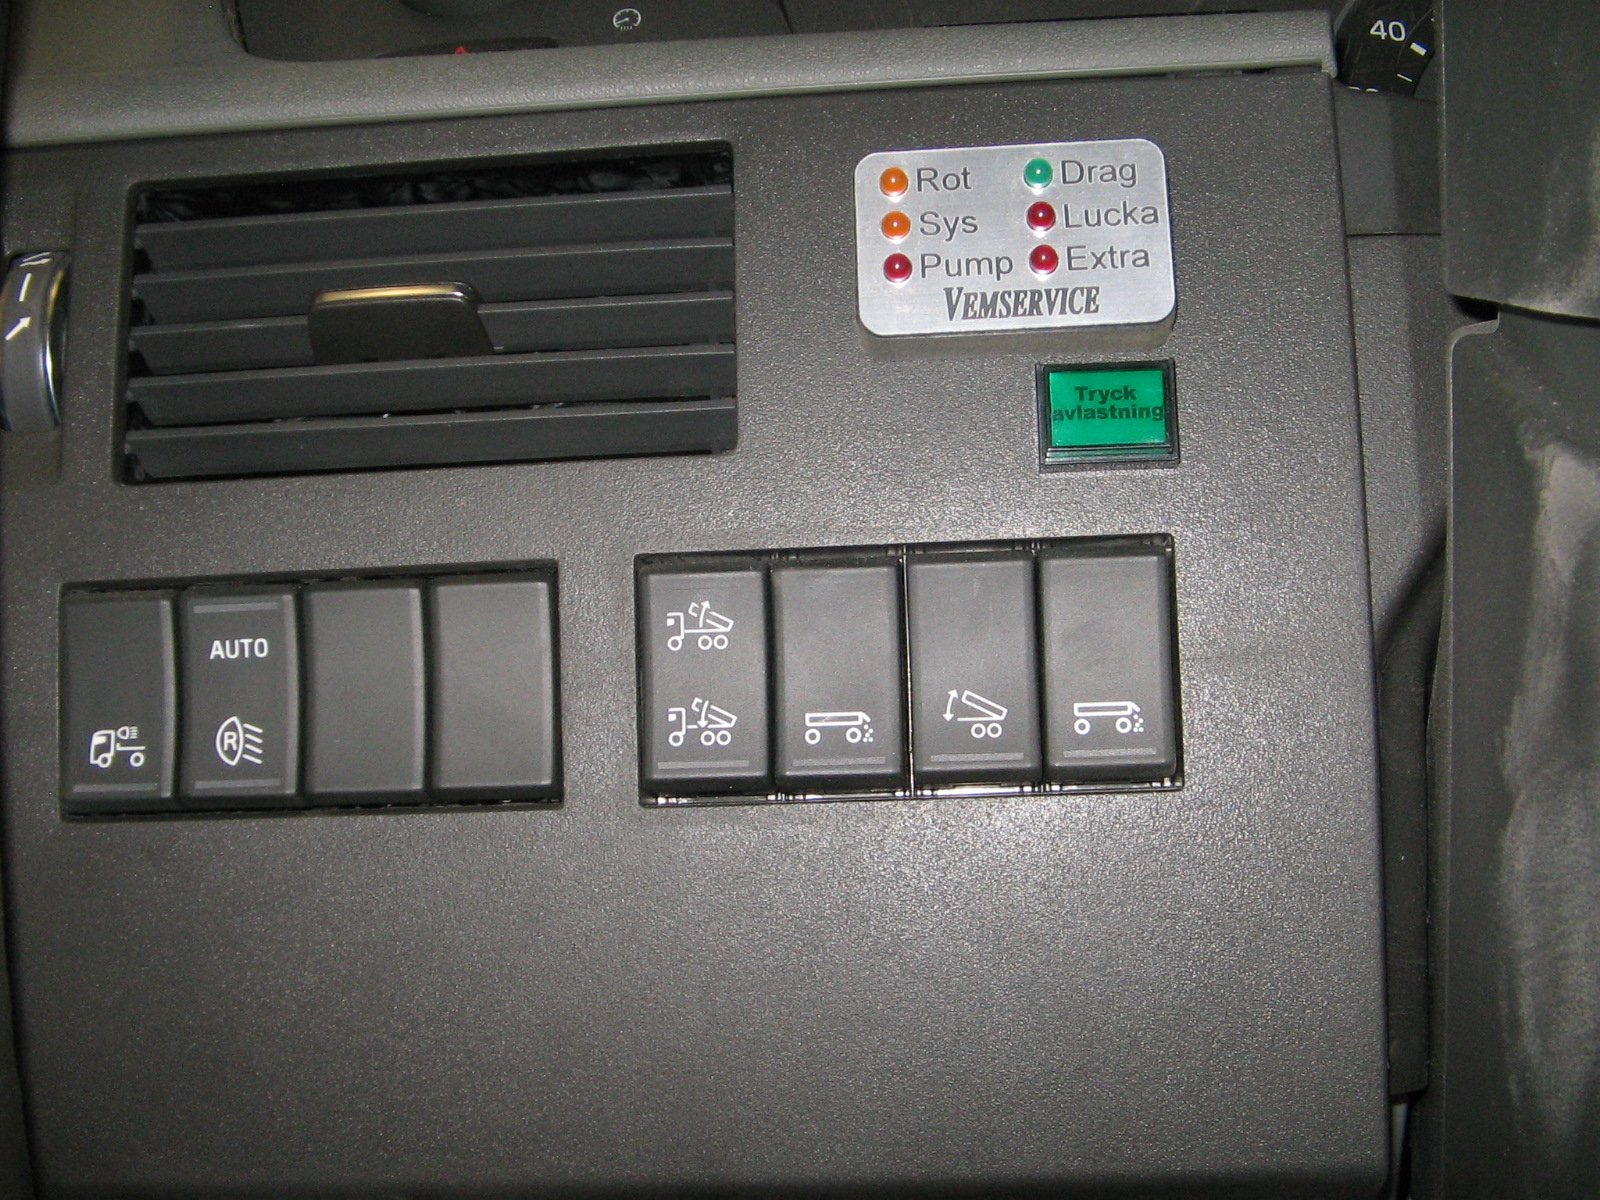 1414419-m-karlsson-15